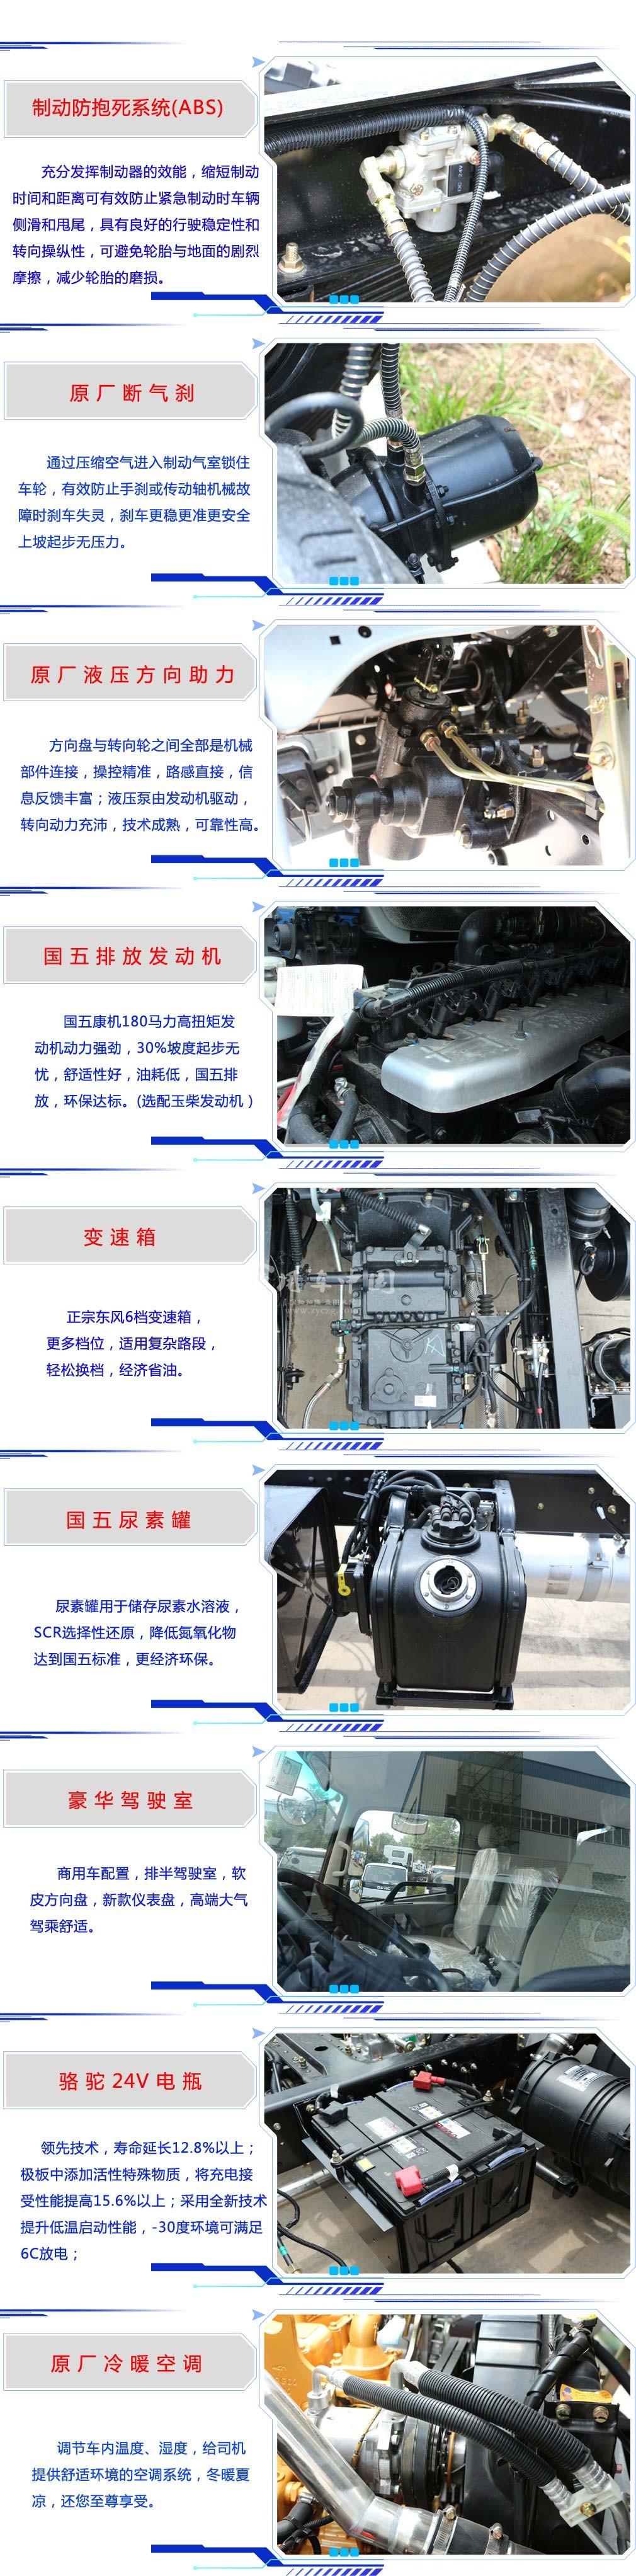 东风D9型一拖二清障车底盘细节展示: